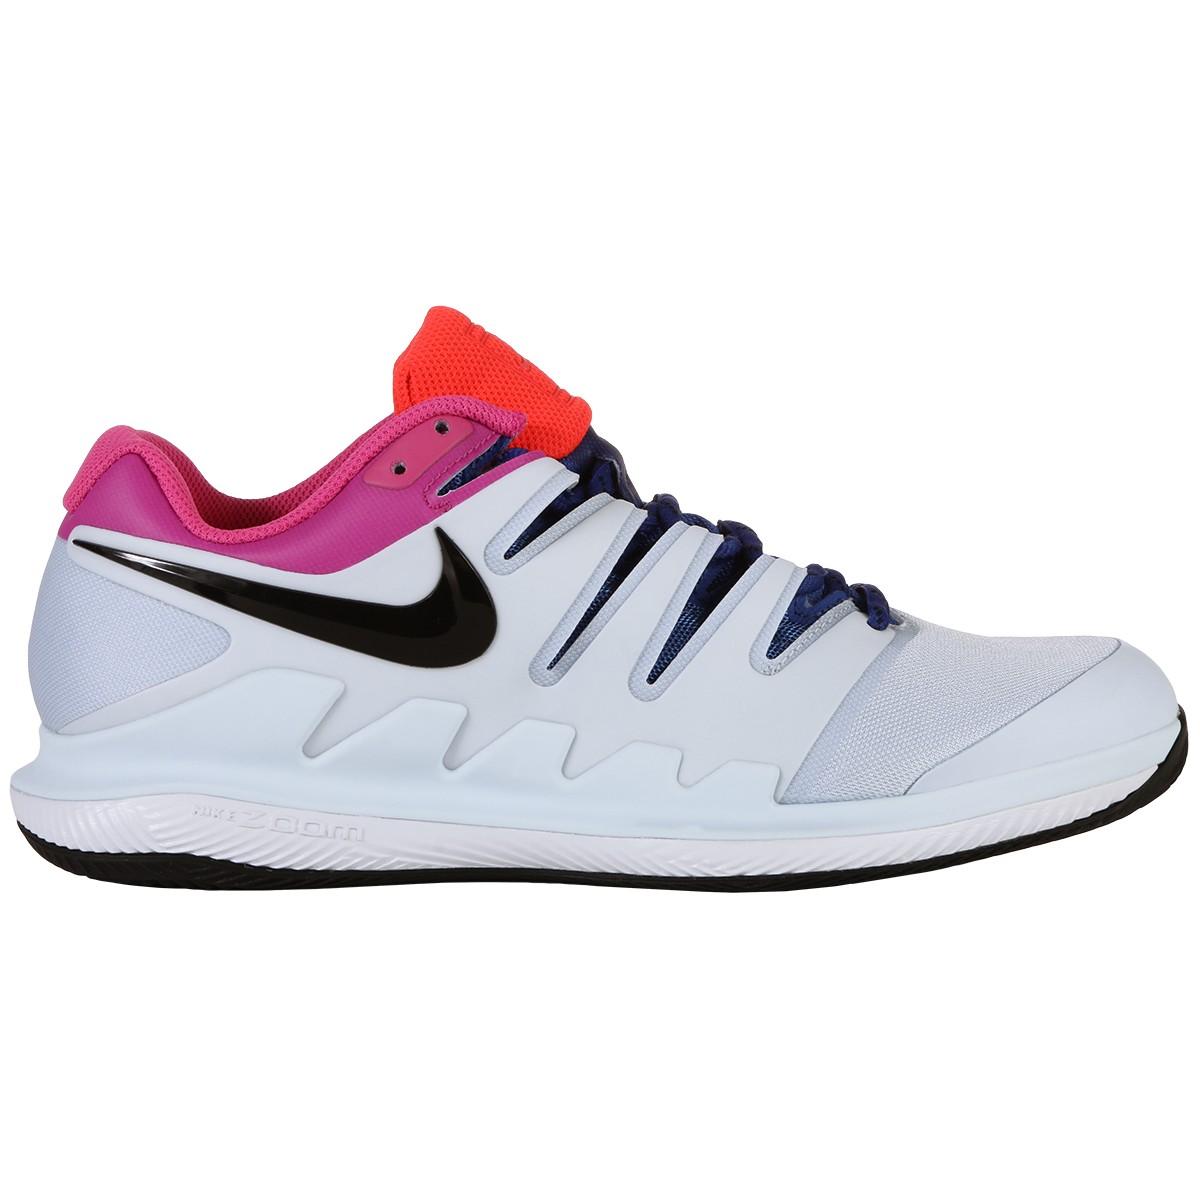 Tierra Vapor Nike 10 Zapatillas Air Zoom Batida Hombre nOPk8w0NXZ